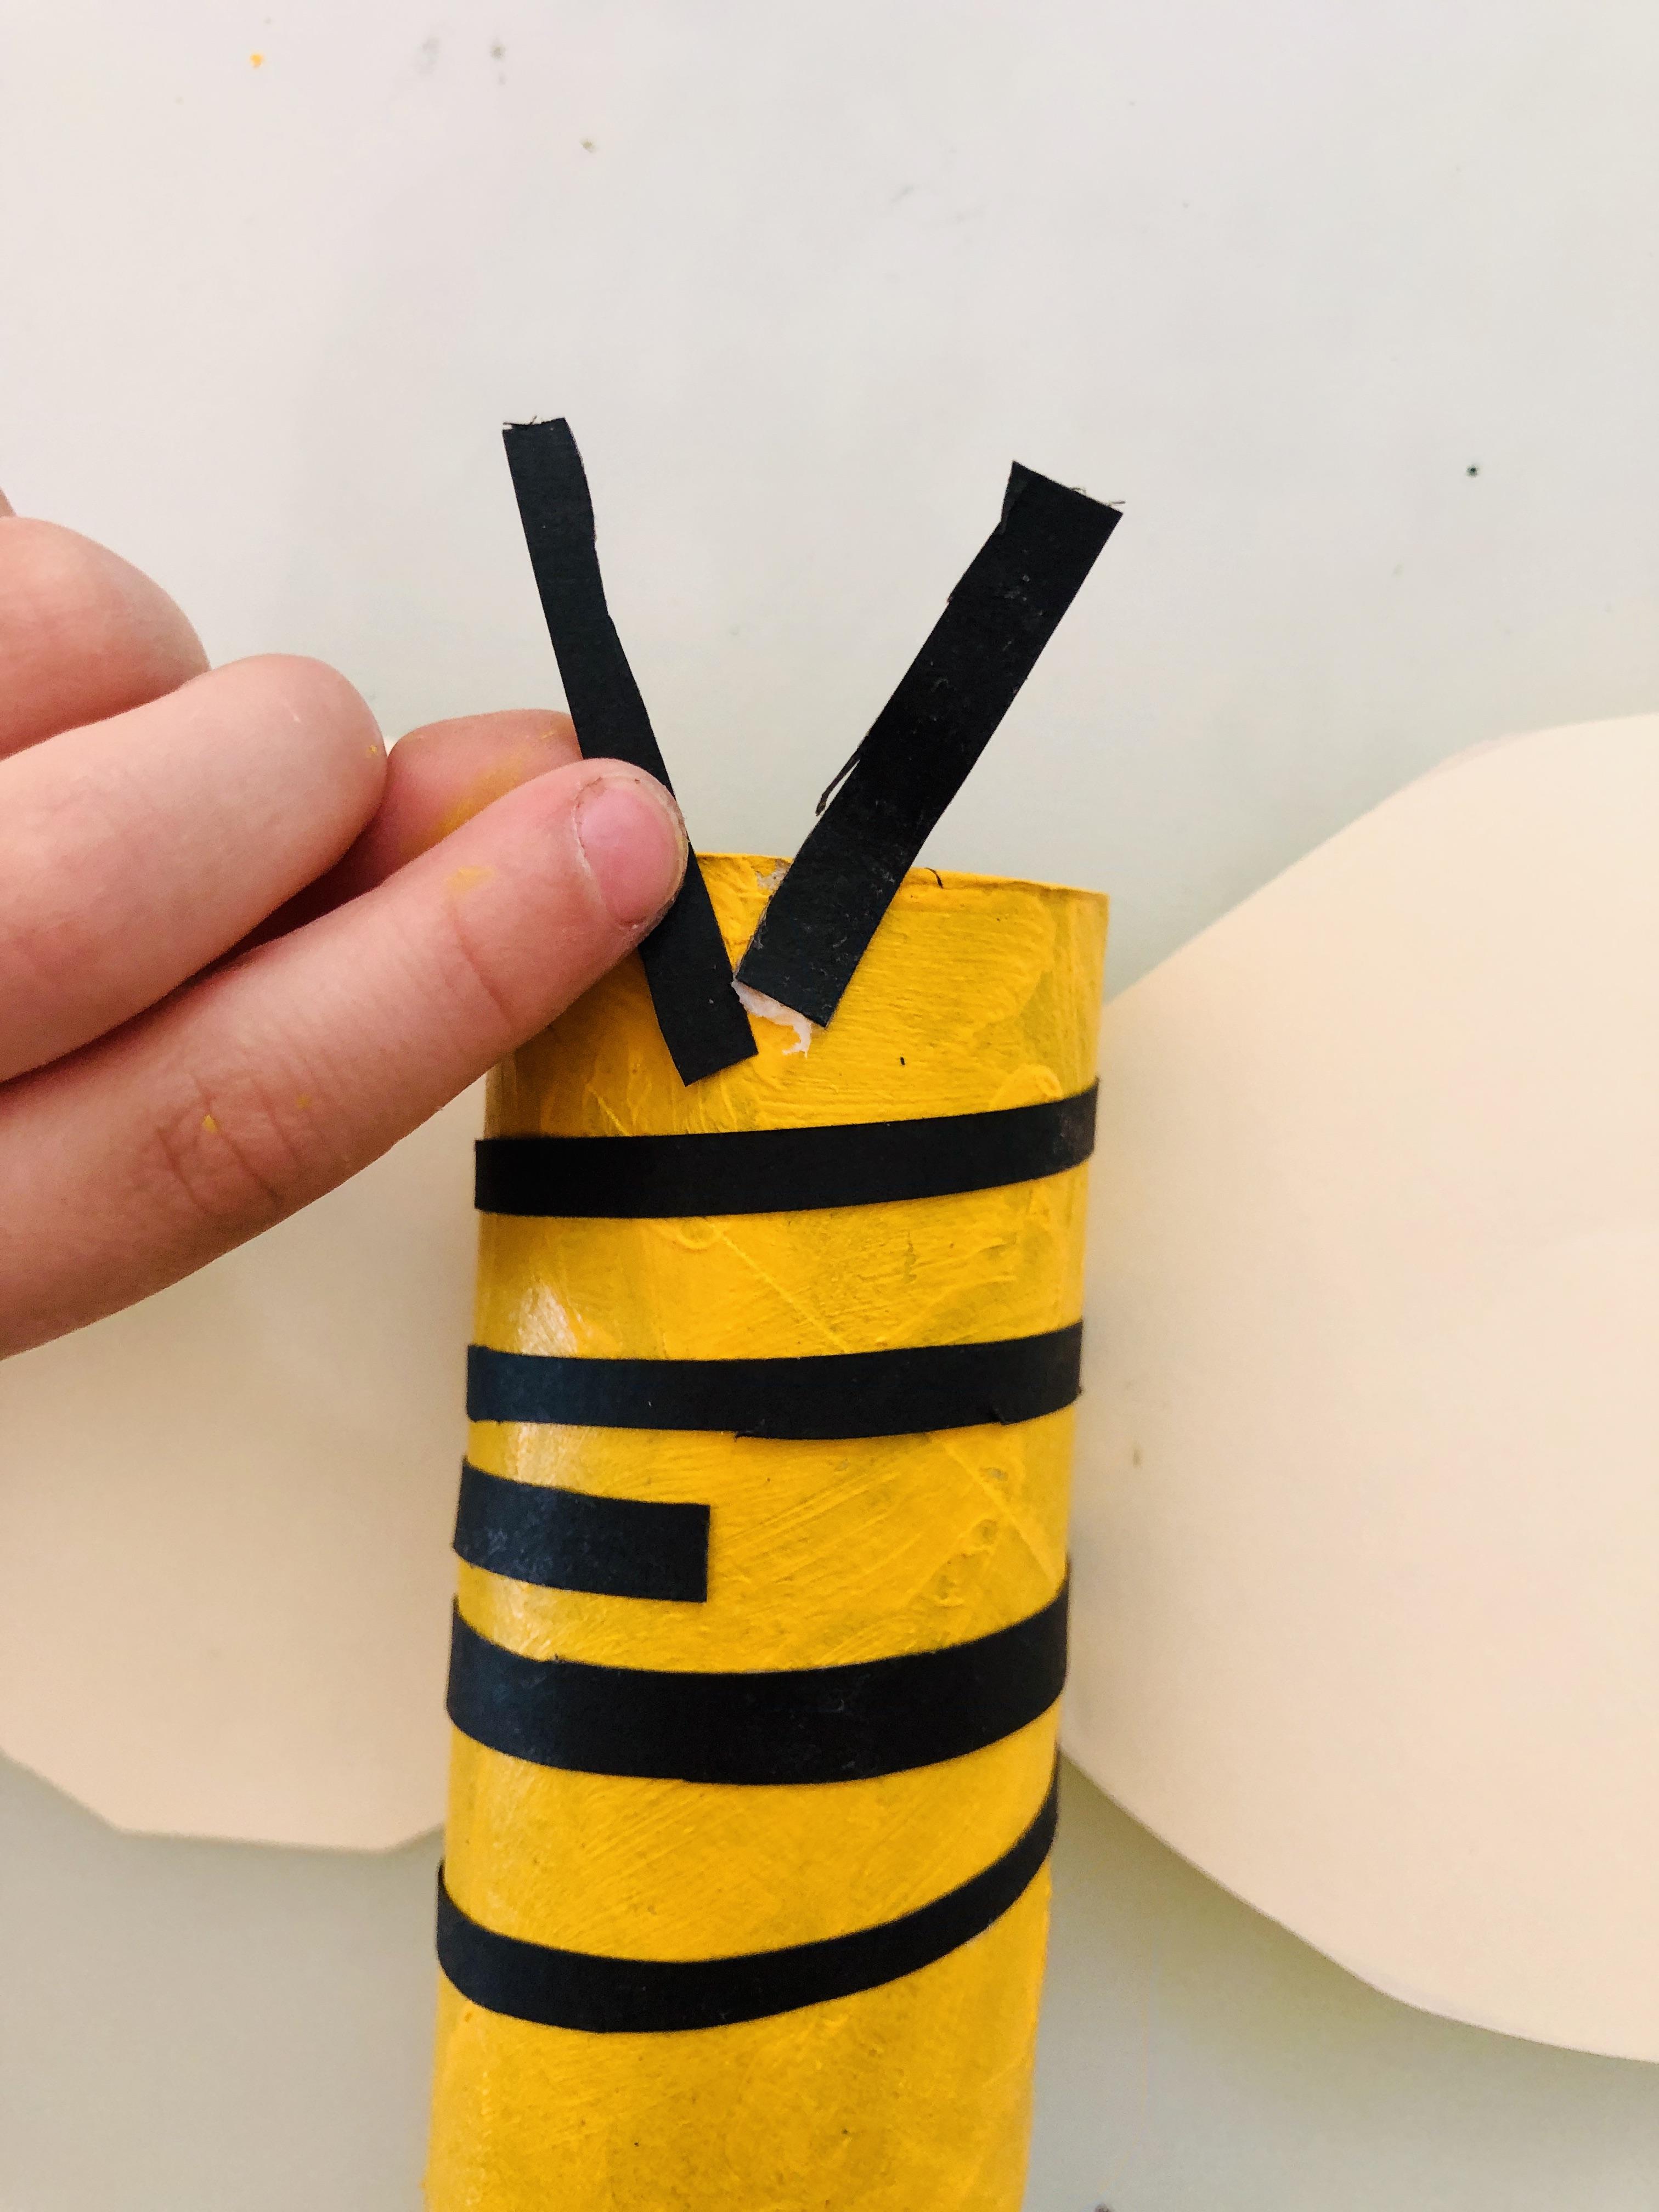 antennas on the bee